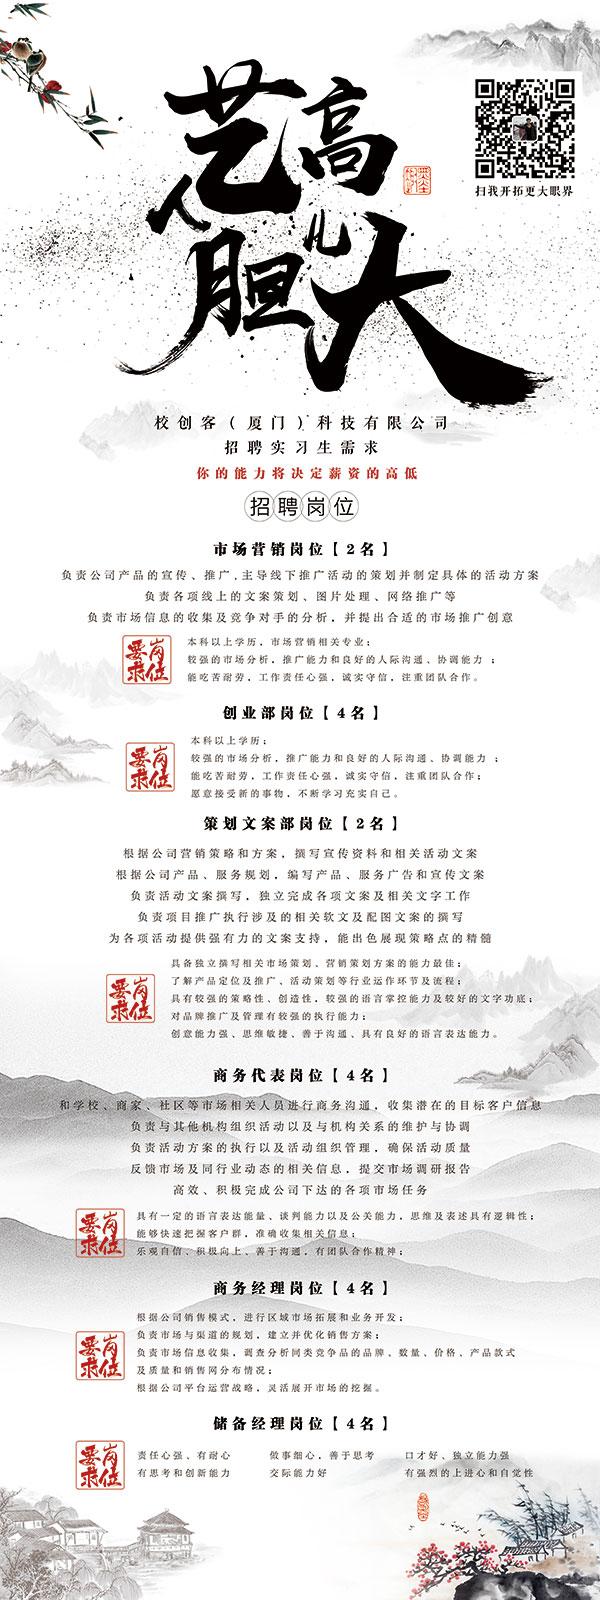 中国风招聘展架